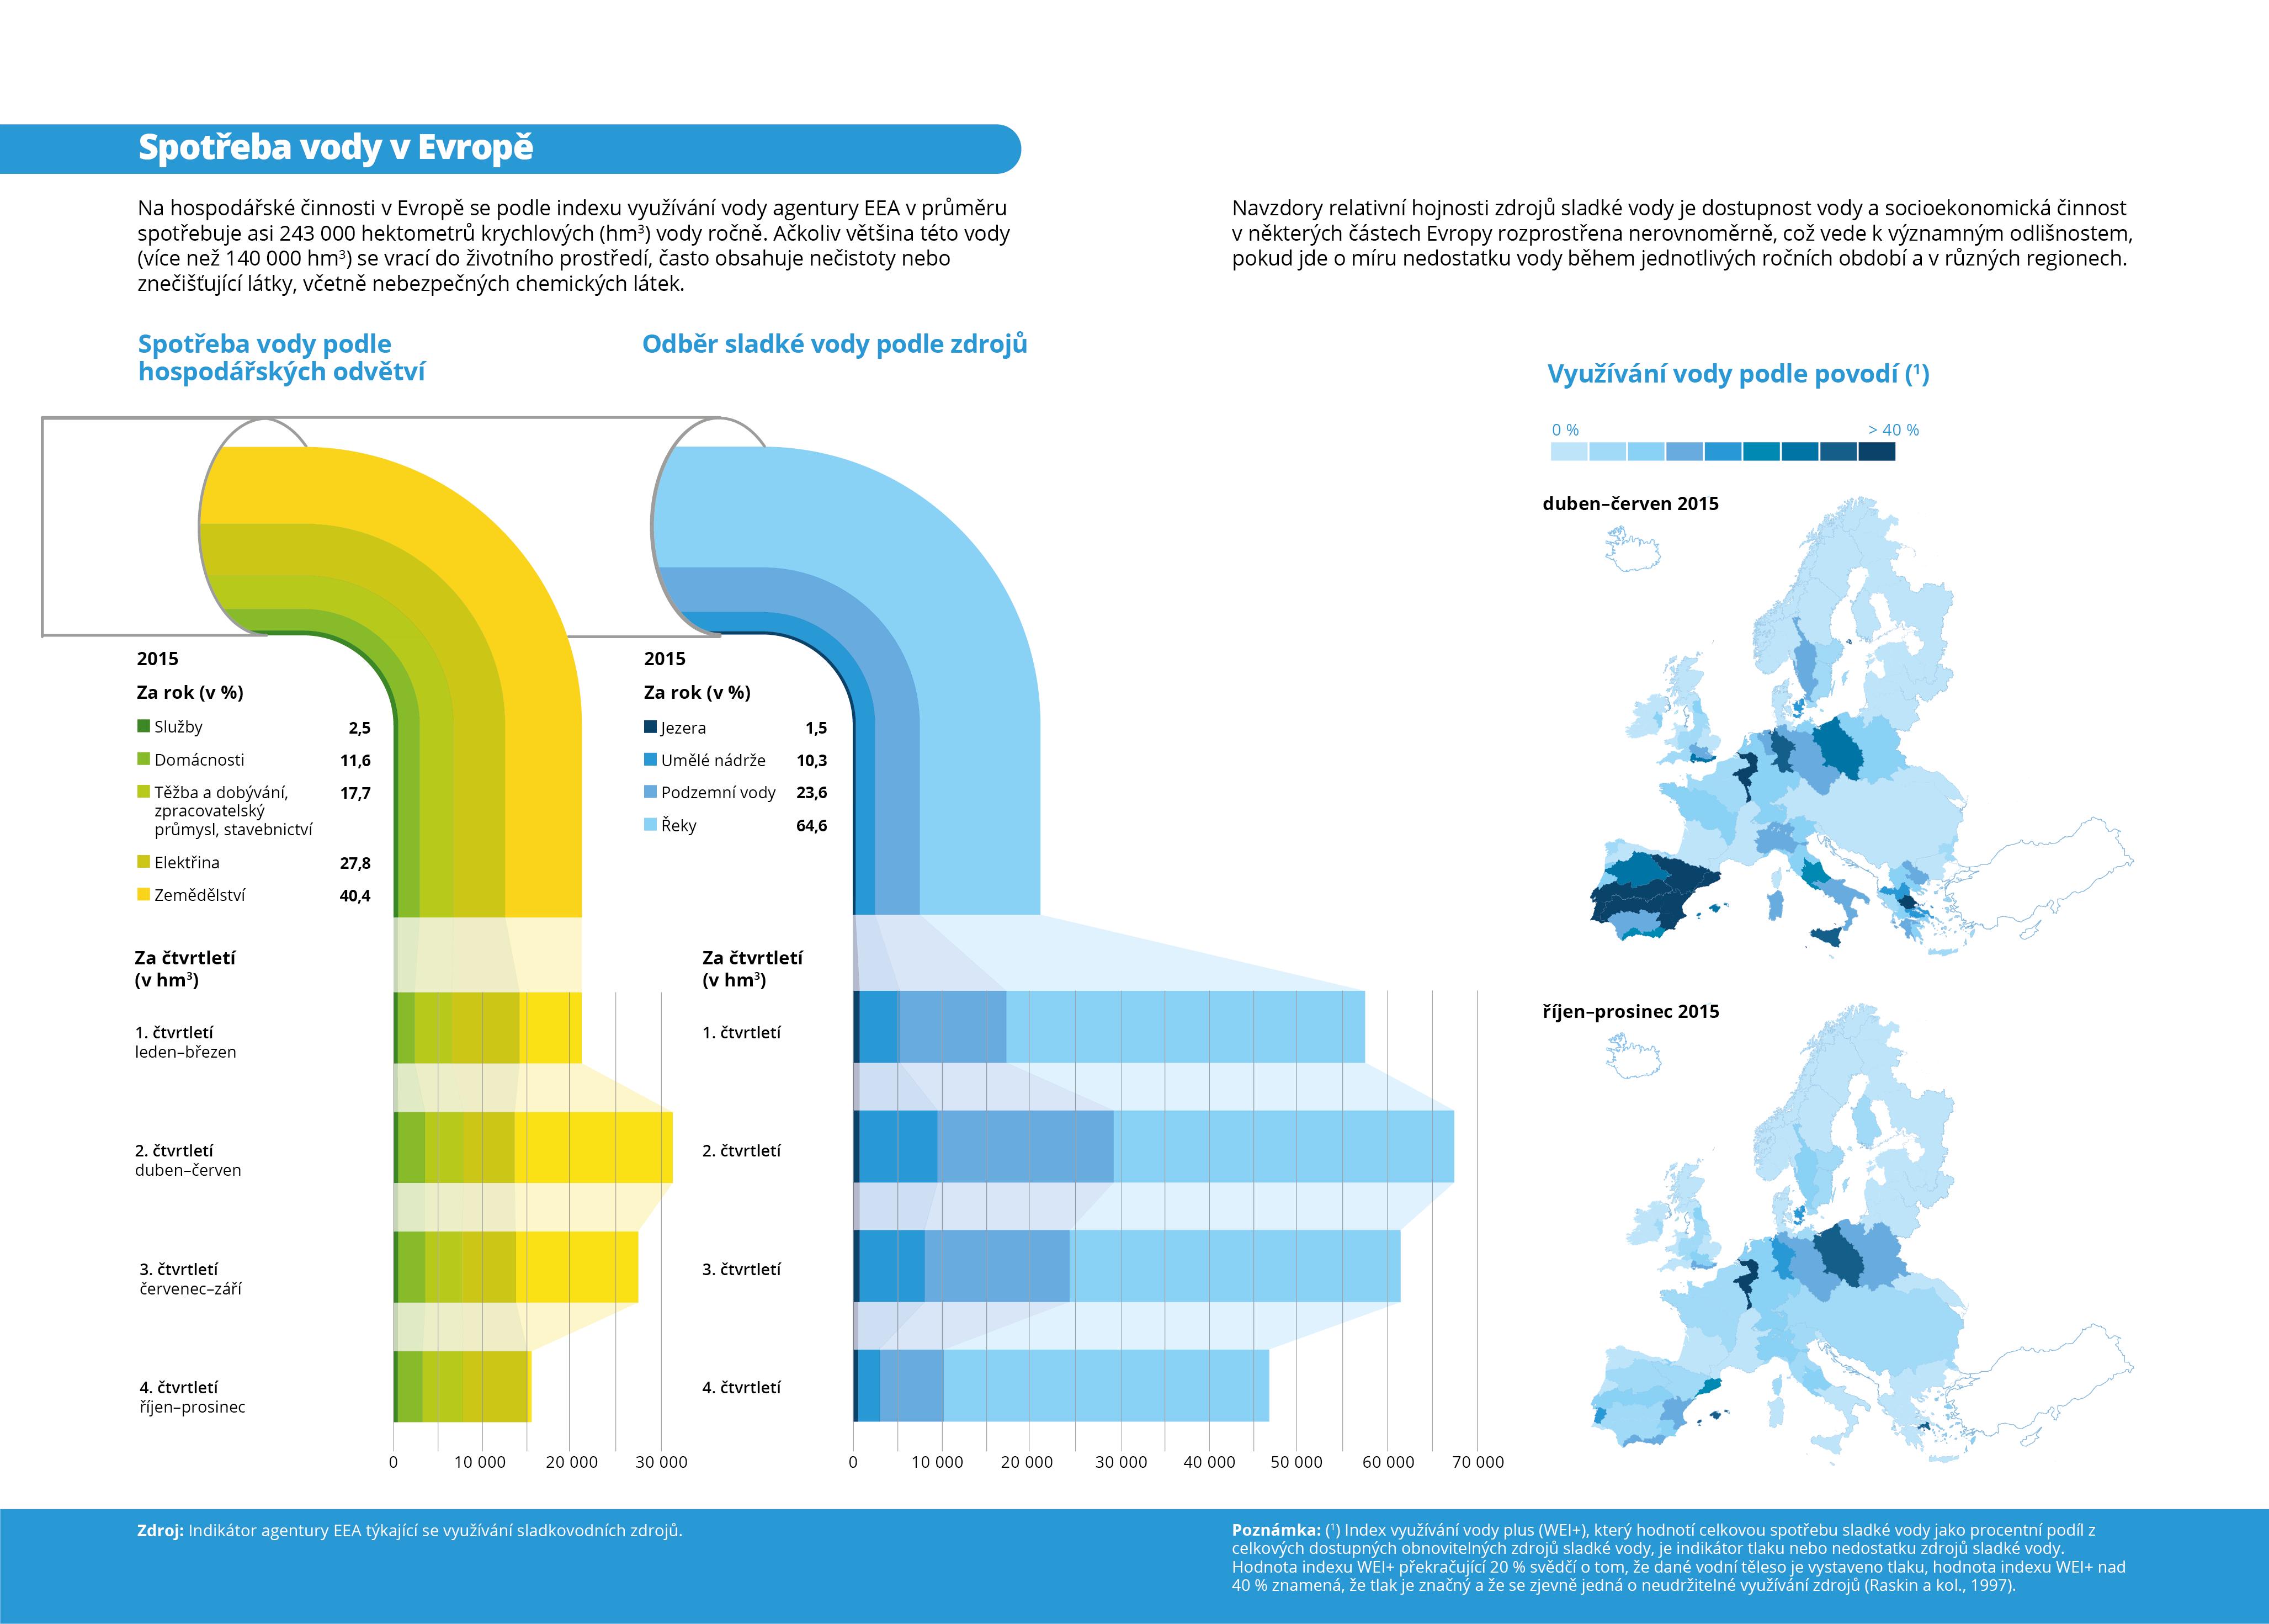 Spotřeba vody v Evropě